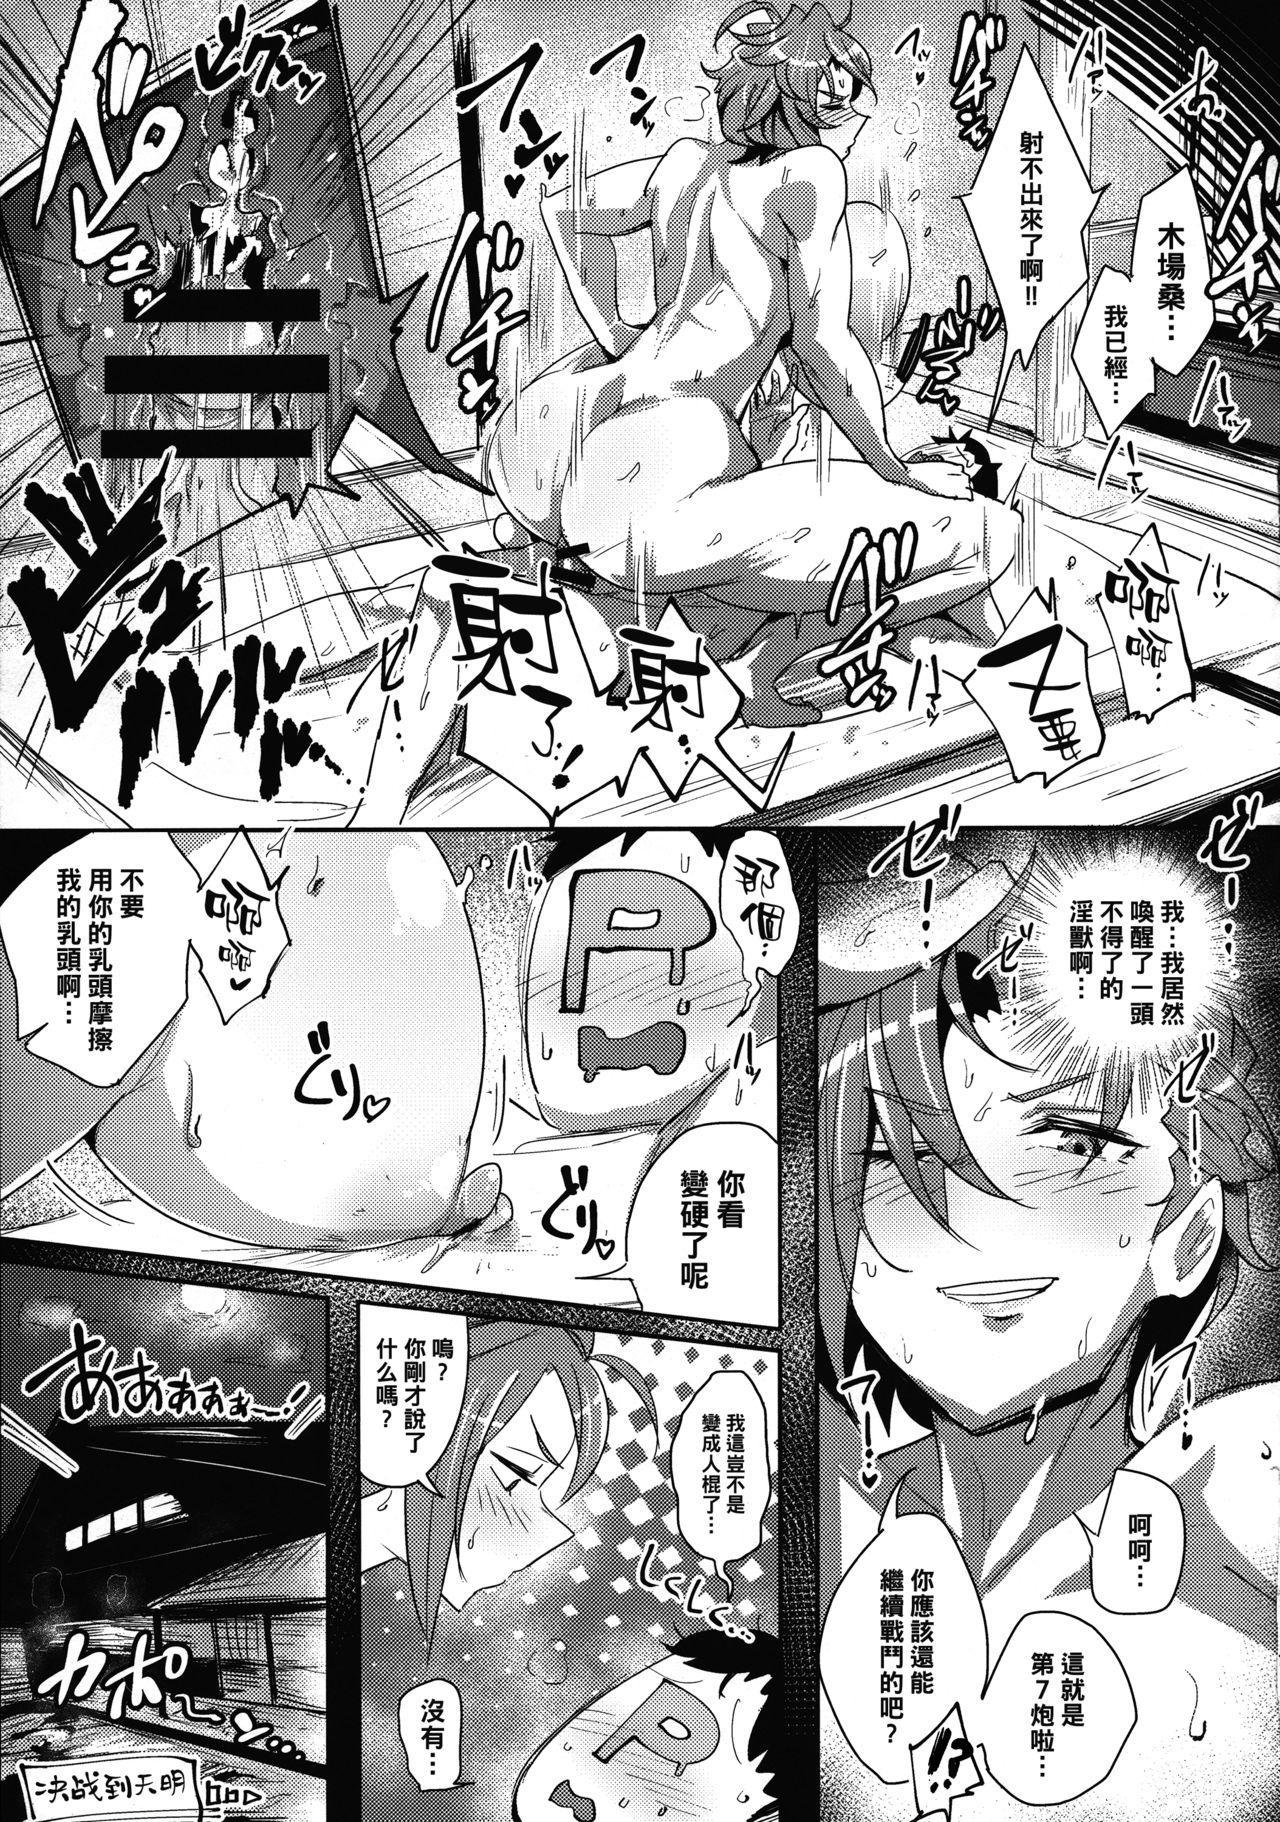 Kiba-san to Osake Nonde H Shitai! 15